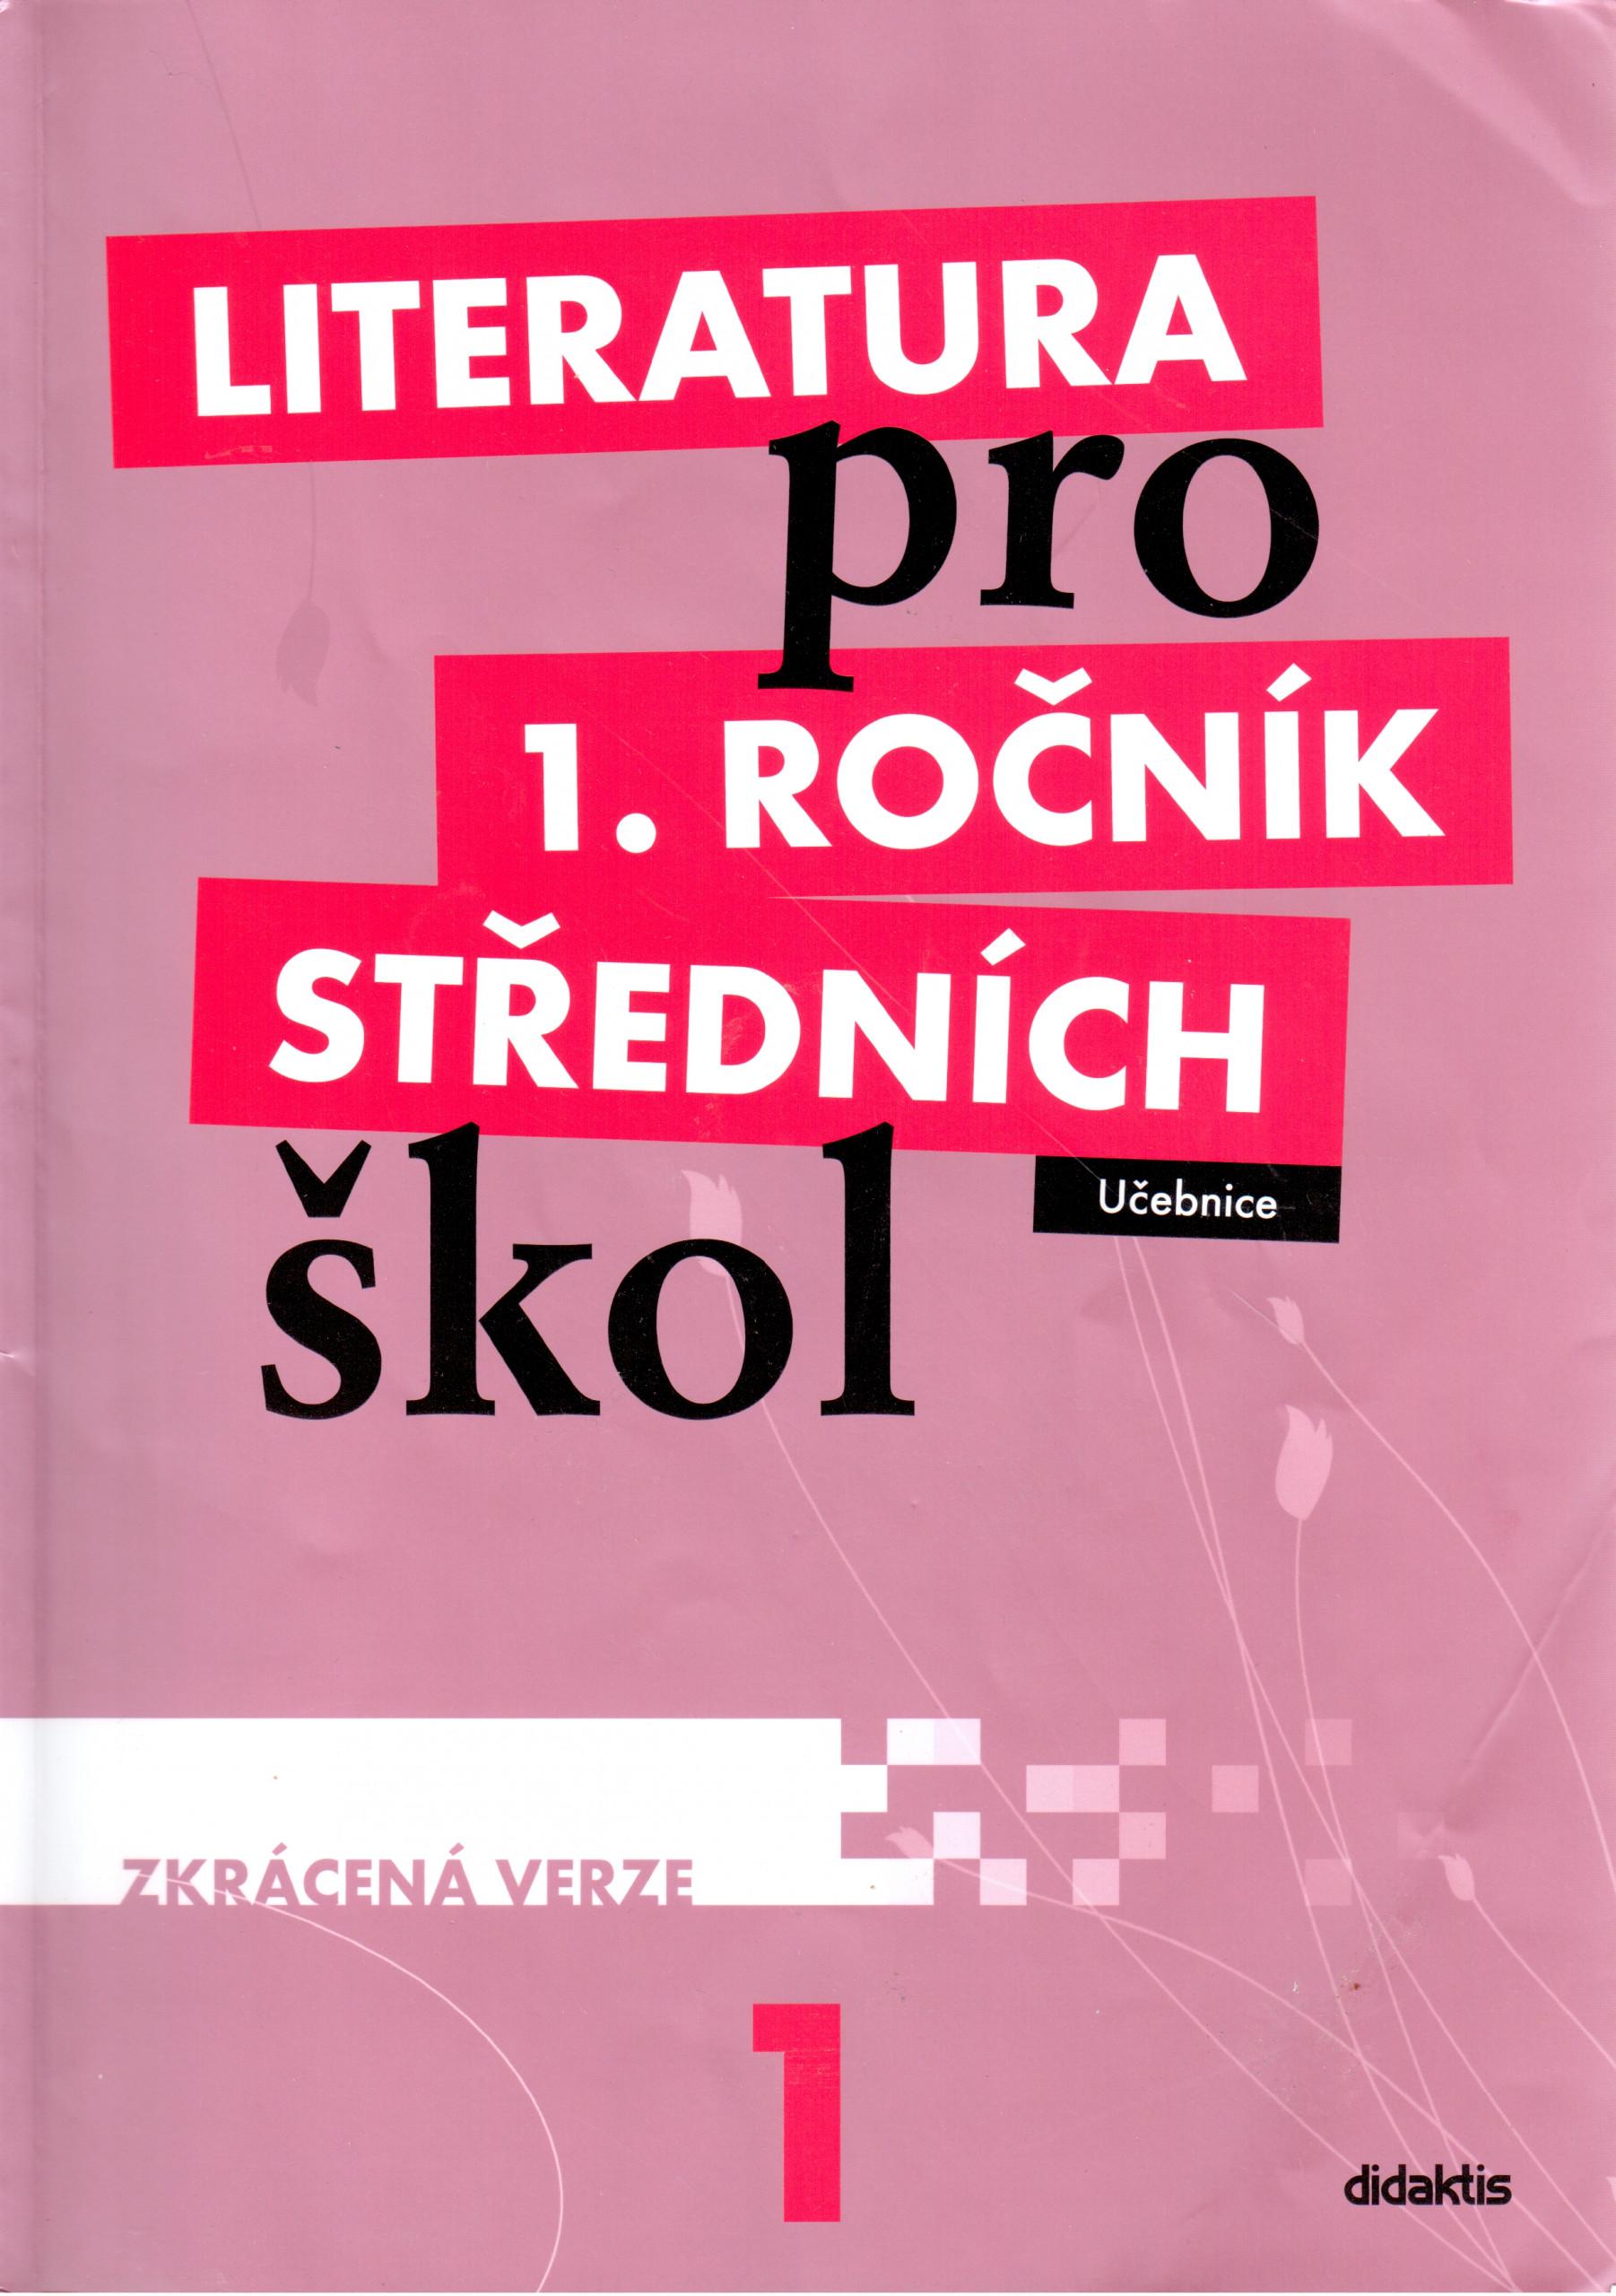 Literatura pro 1. ročník středních škol (zkrácená učebnice) - Náhled učebnice